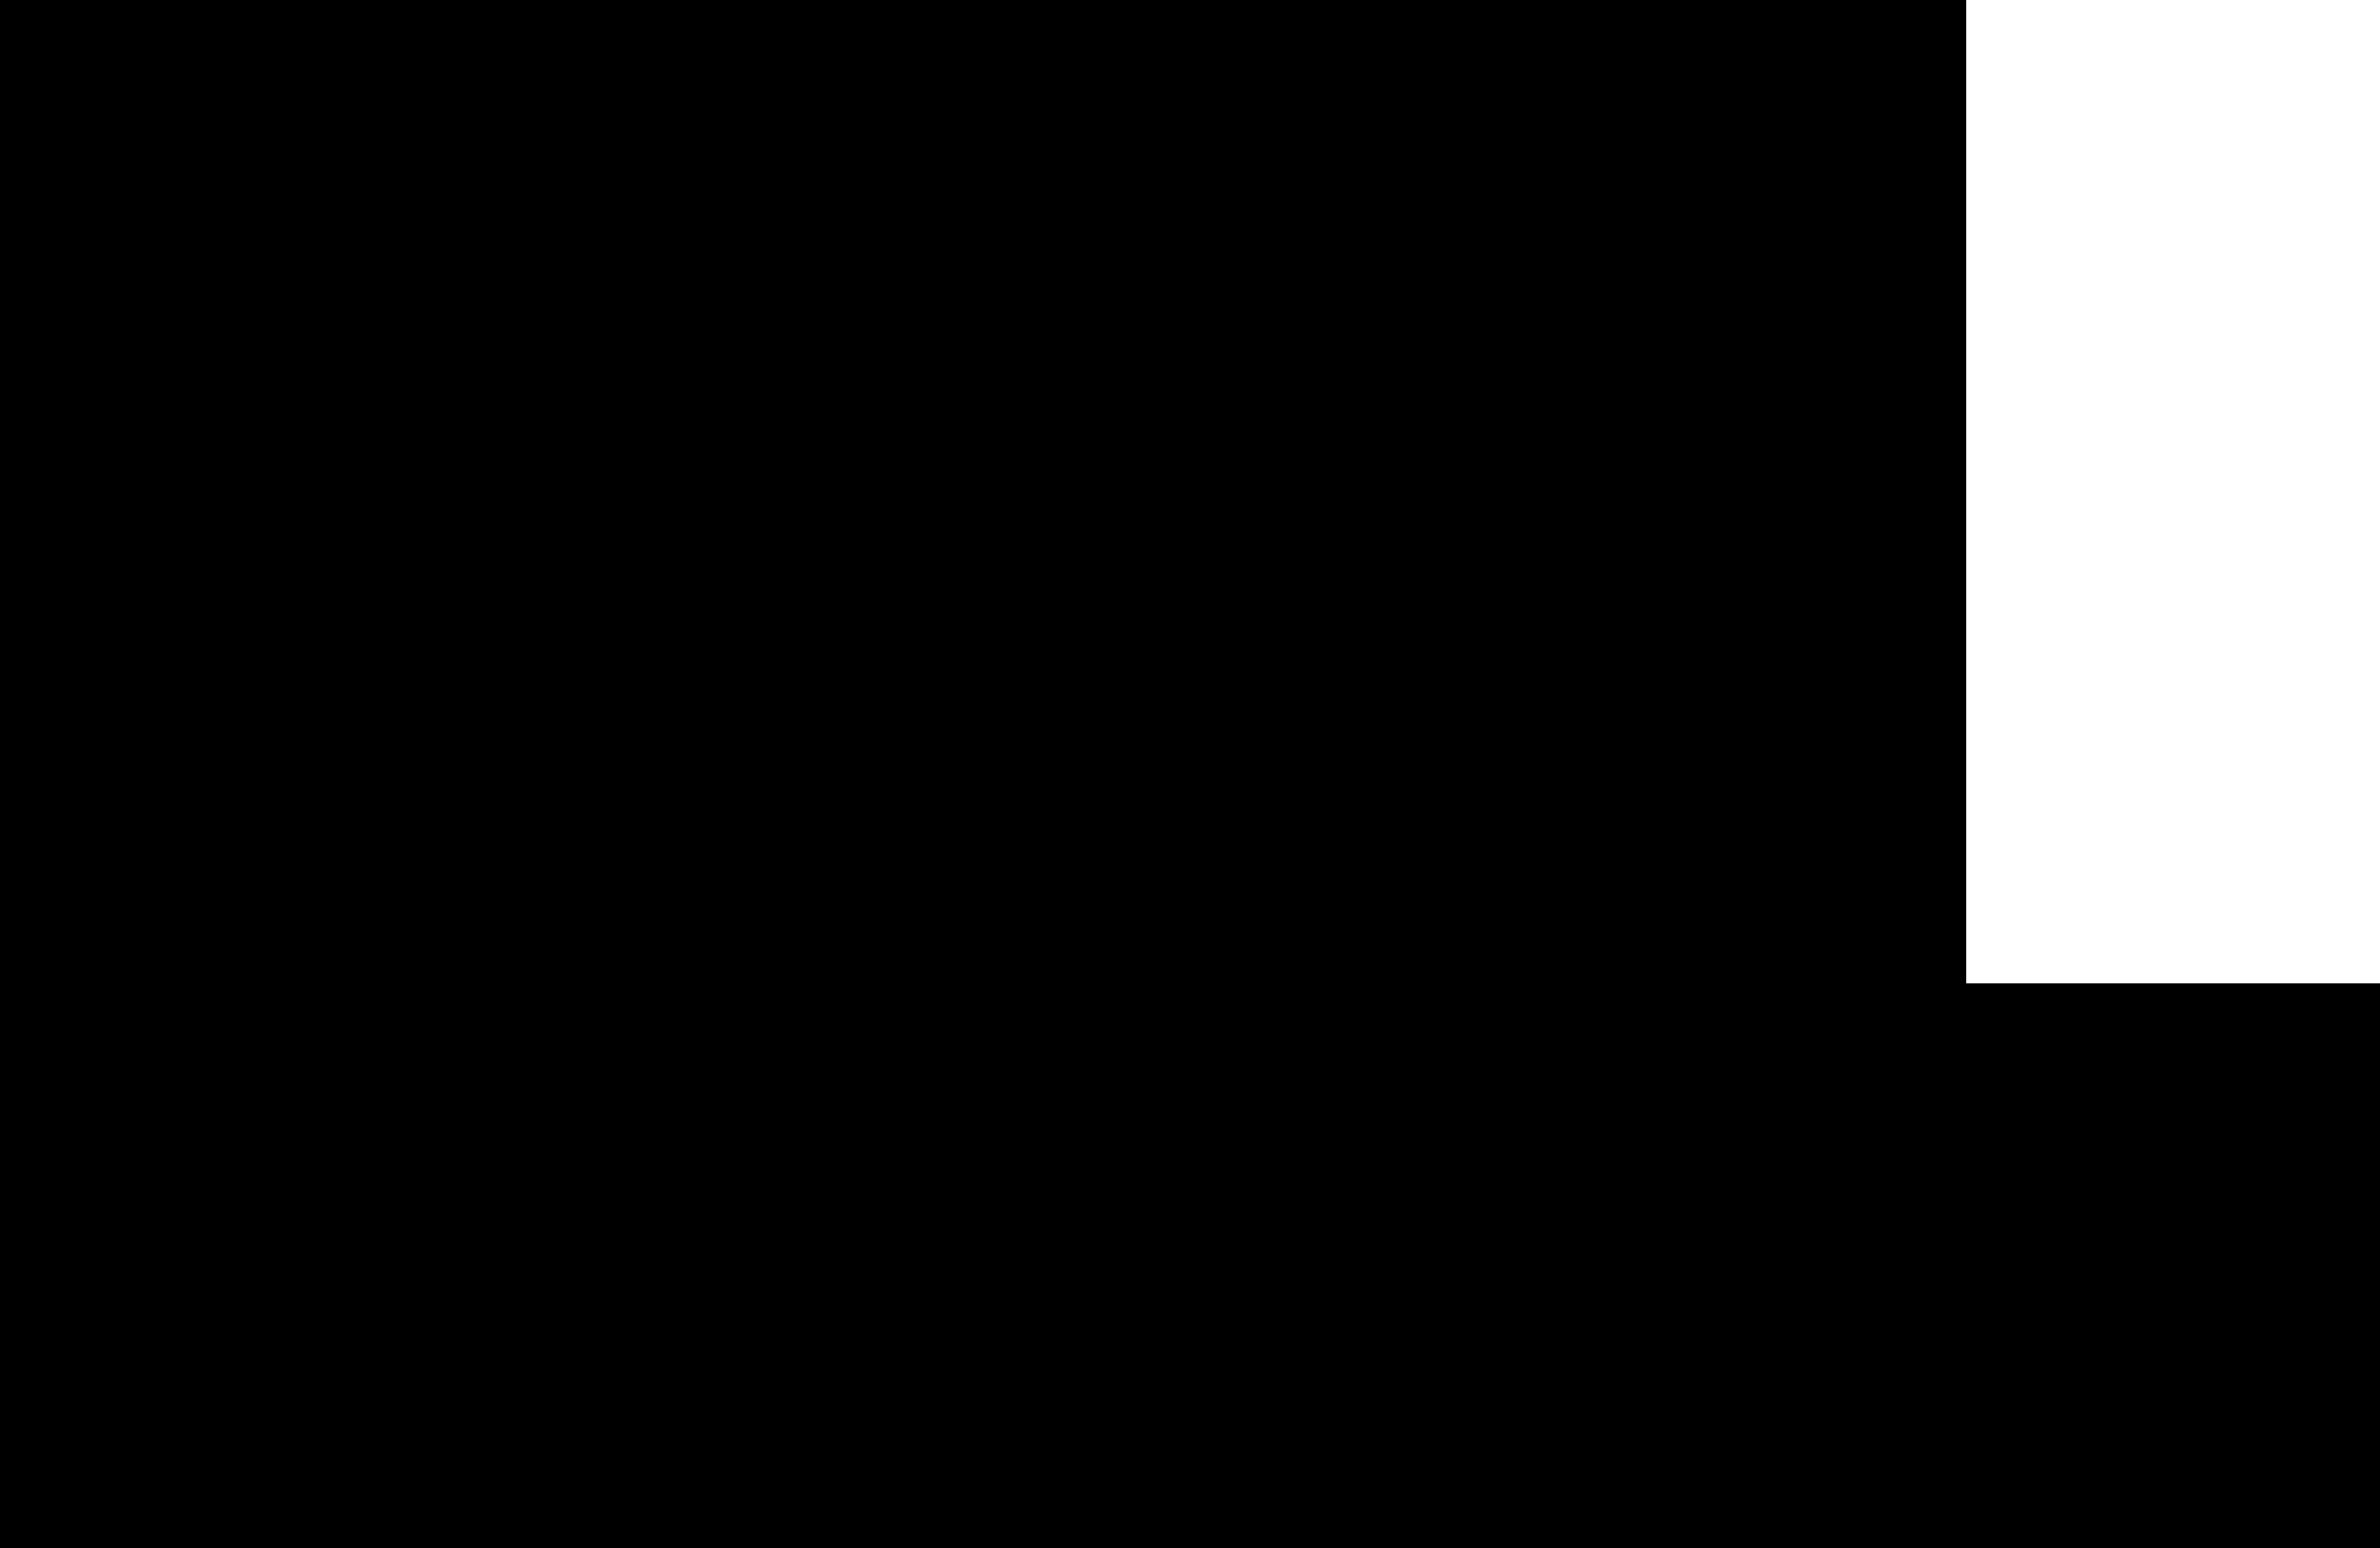 logo epistoles.png